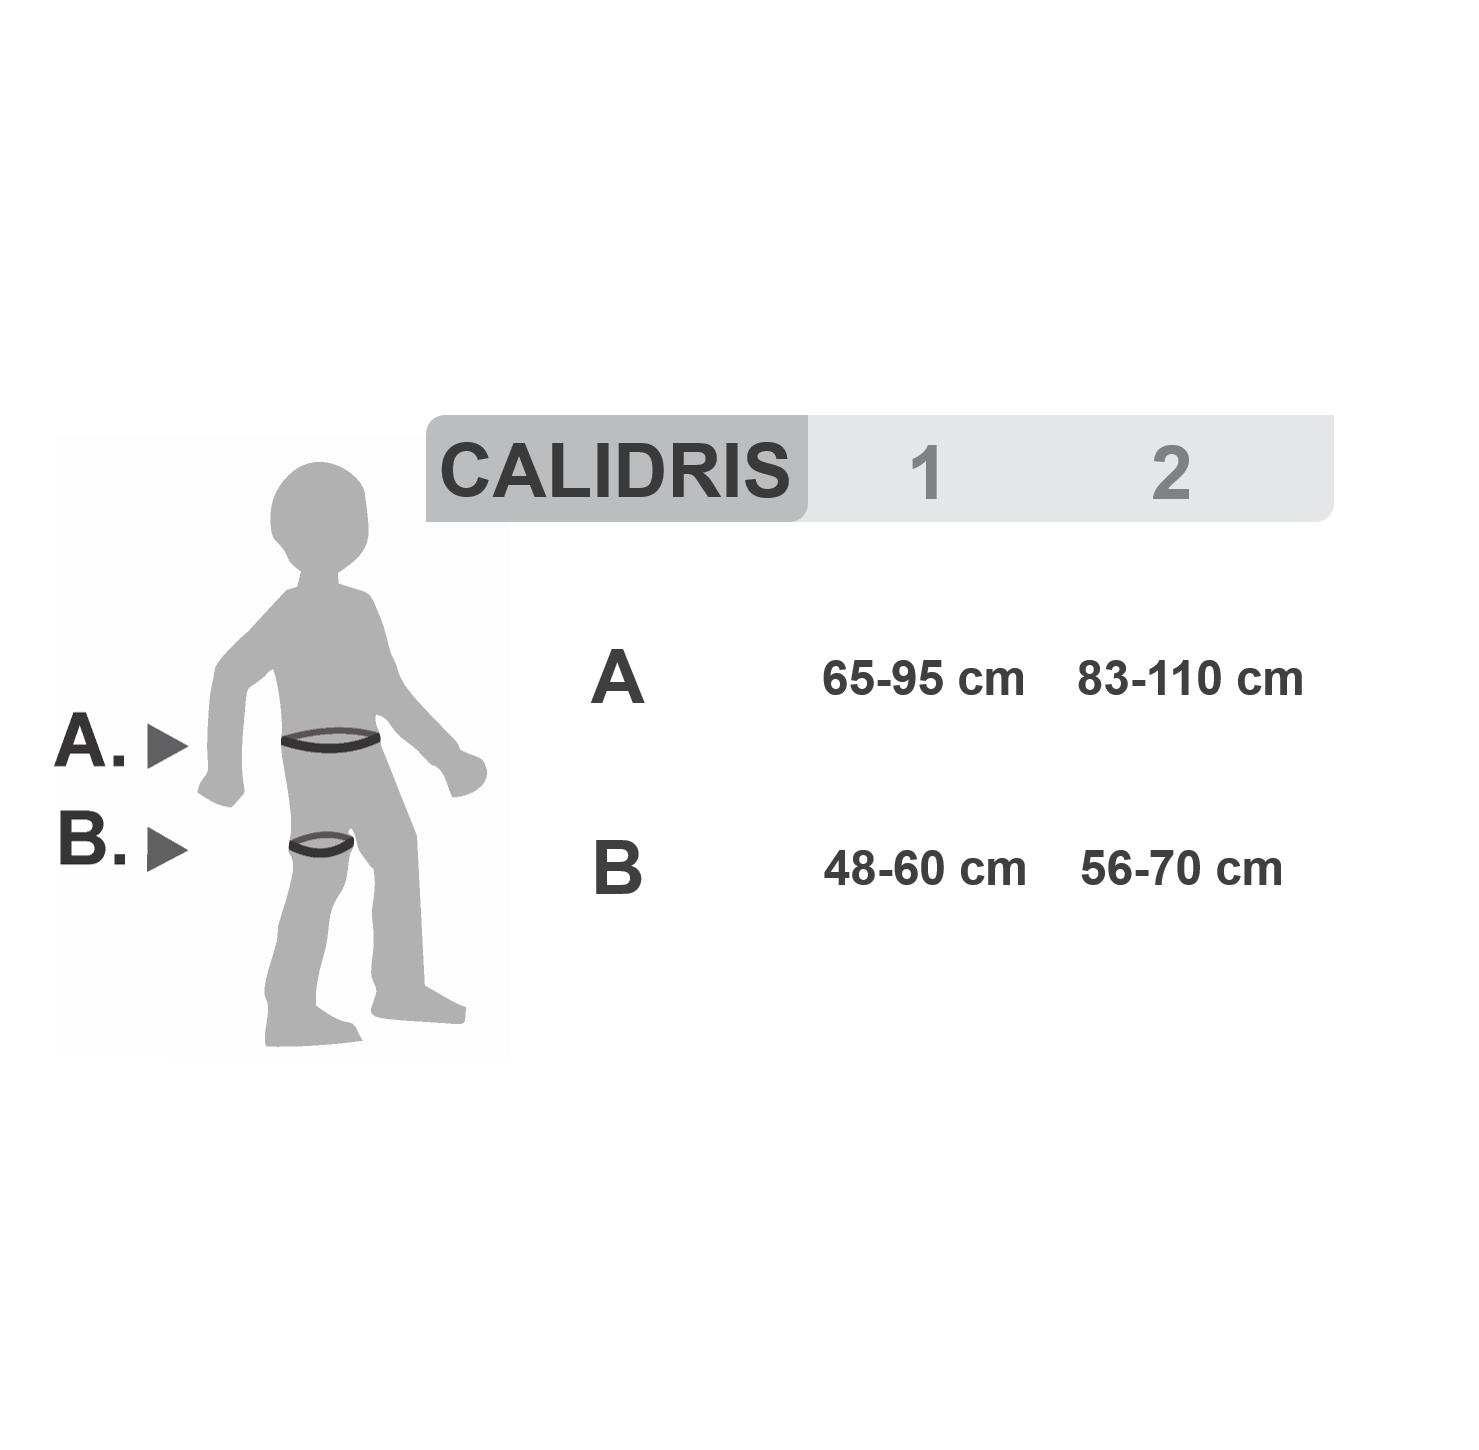 Calidris - Cadeirinha confortável e ajustável para escalada Petzl